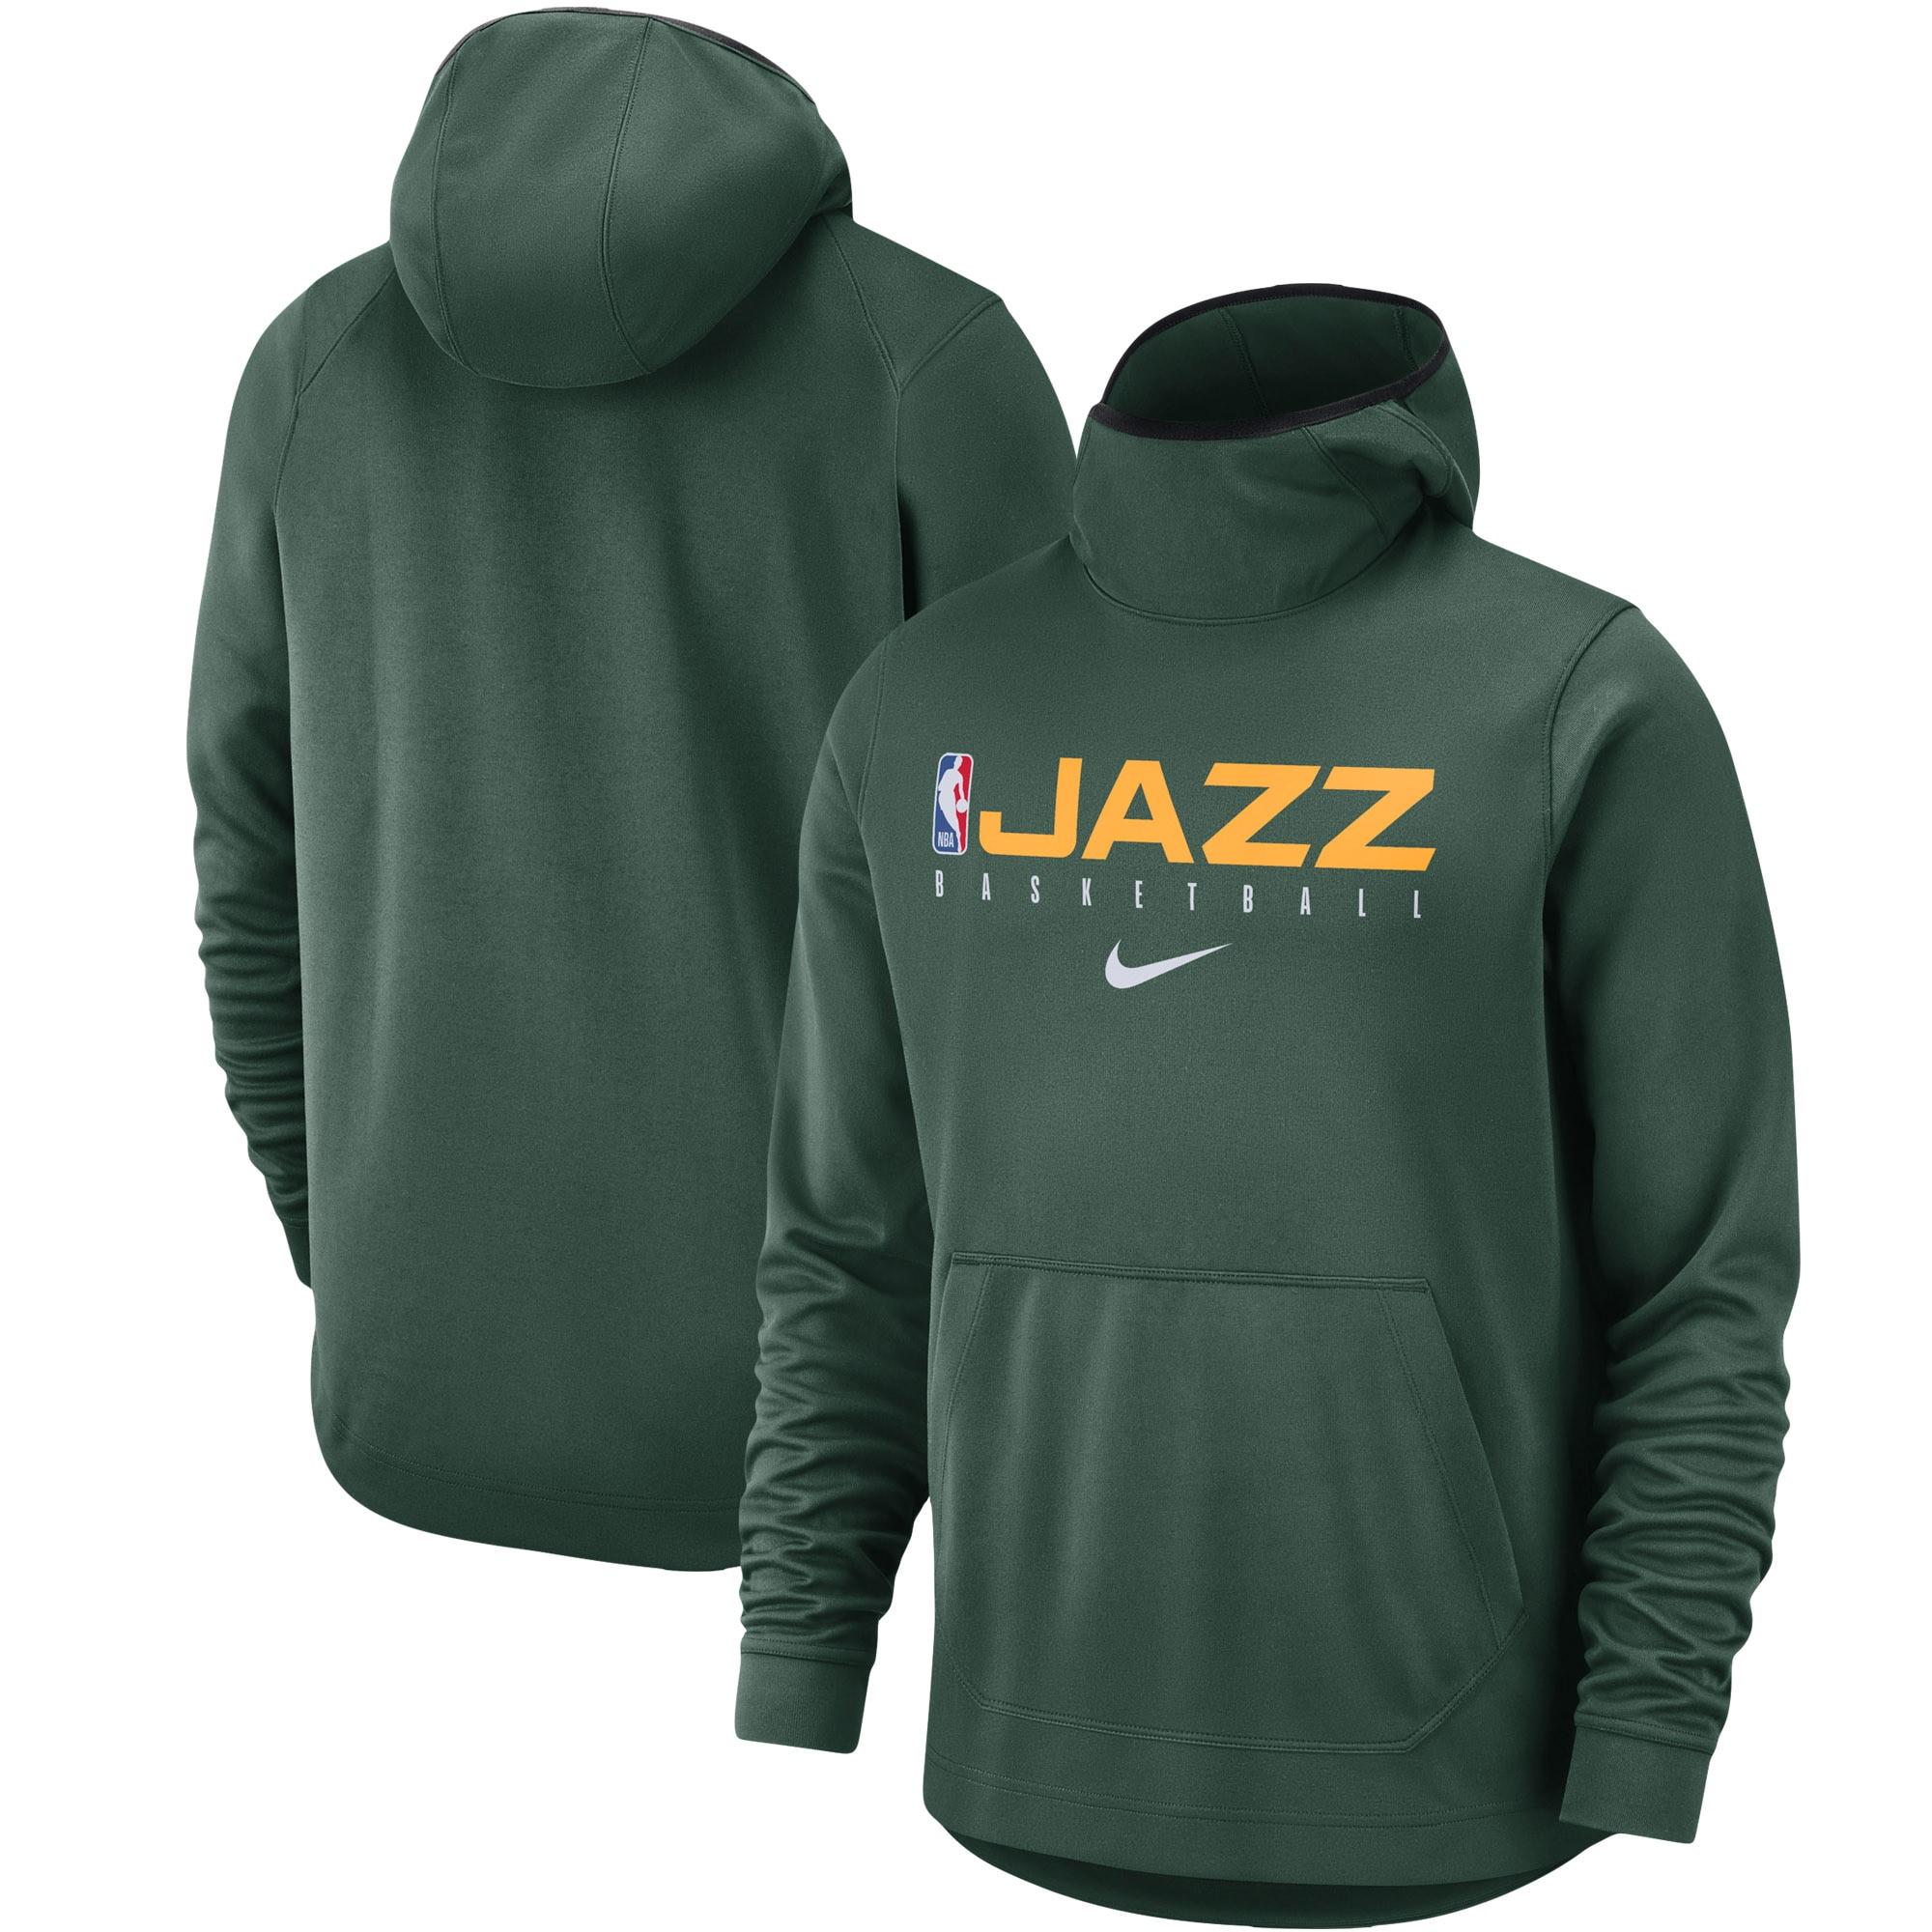 Utah Jazz Nike Spotlight Practice Performance Pullover Hoodie - Green